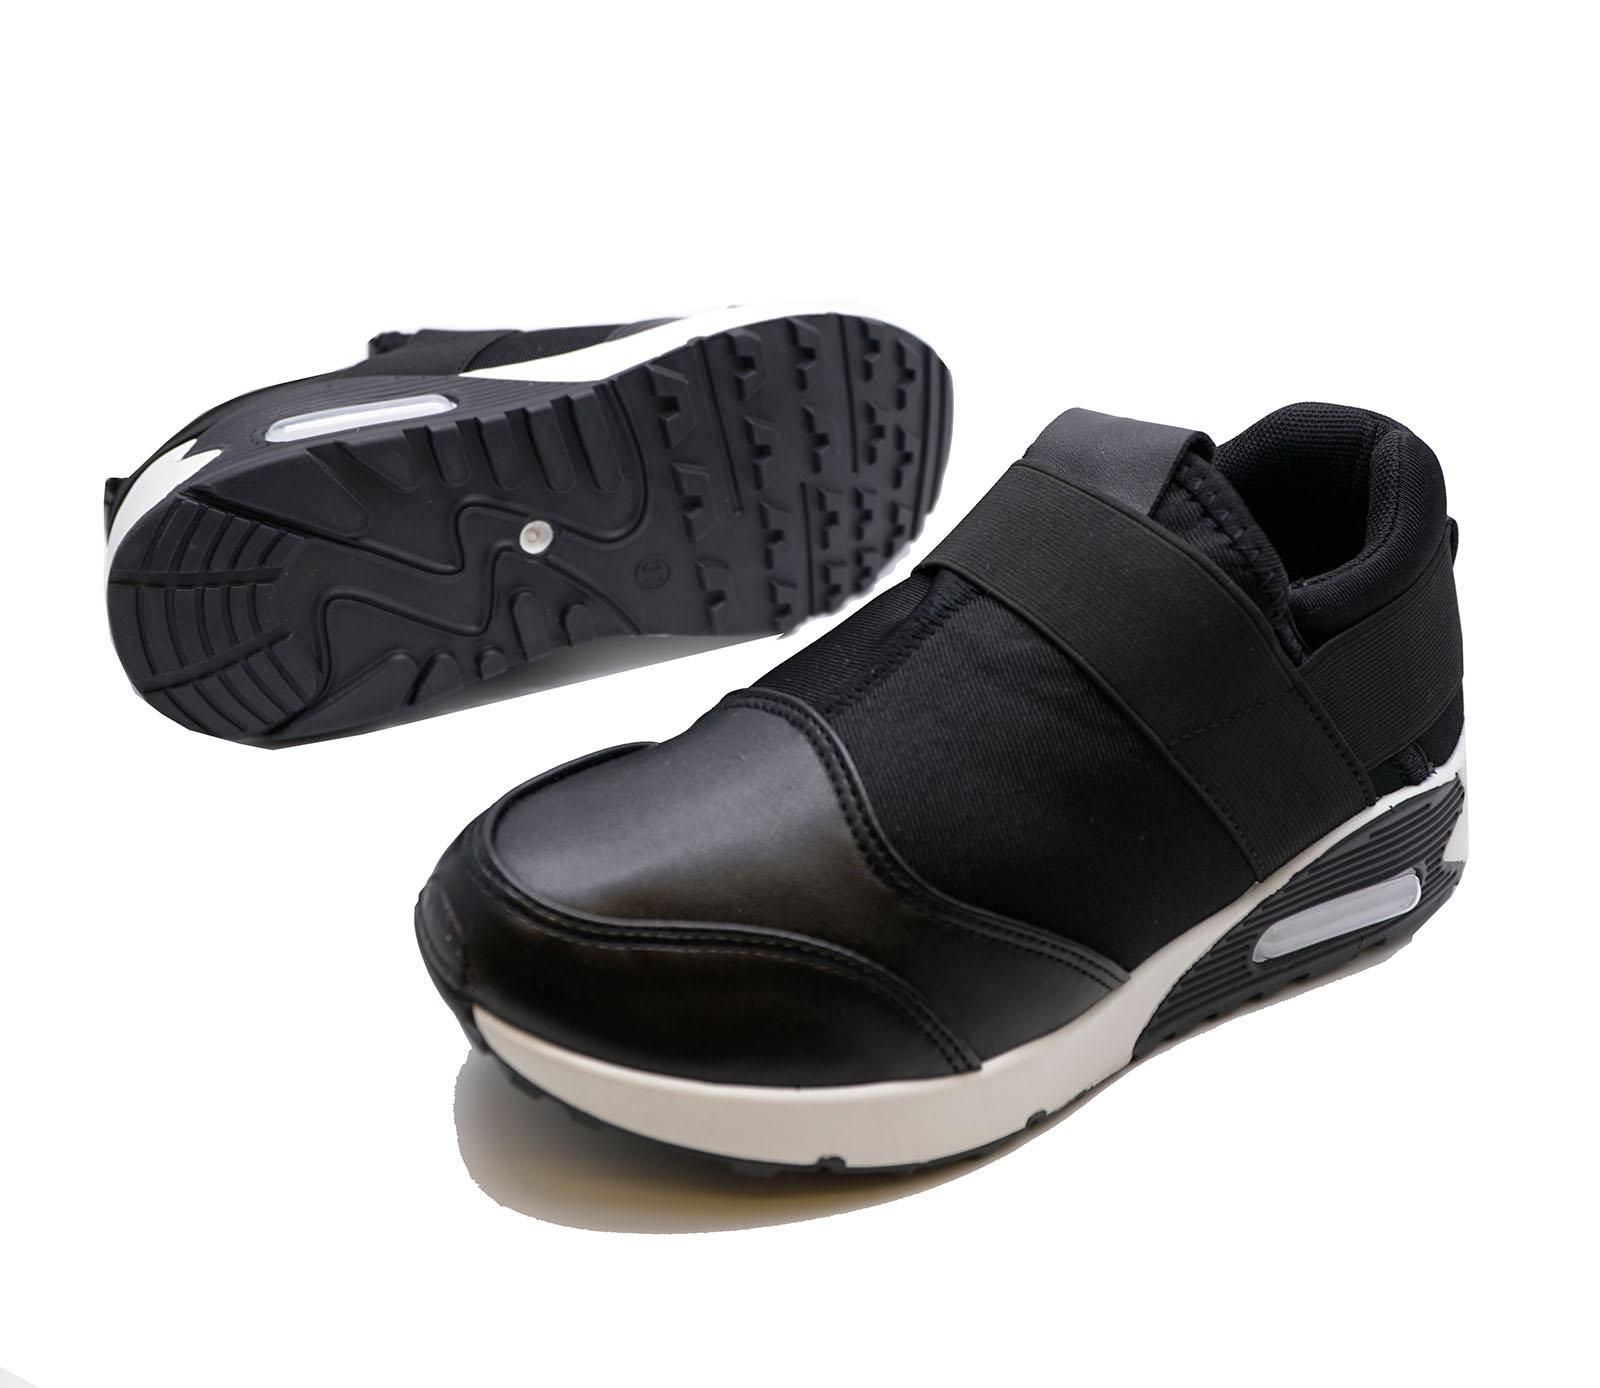 Señoras Negras Sin Cordones Correr Zapatillas Gimnasio Bombas Zapatos para Caminar Plimsolls UK 3-8